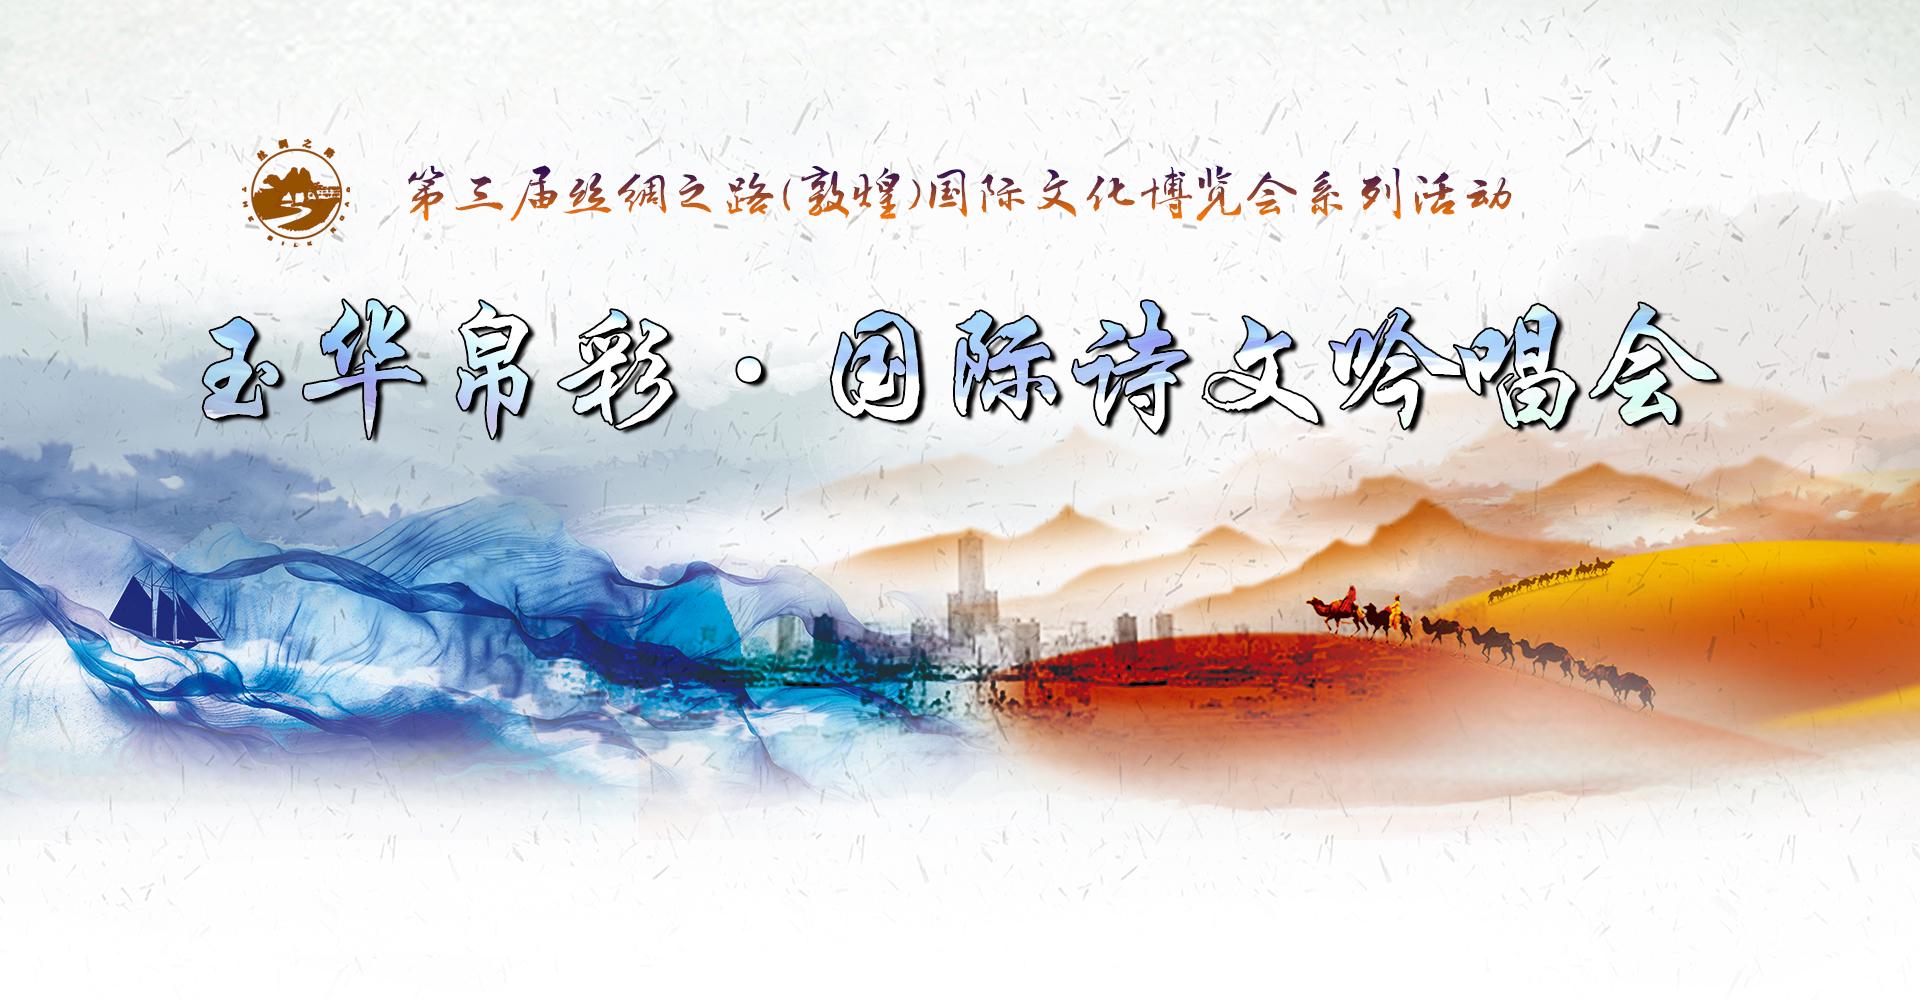 【中国龙虎和网·现场直播】玉华帛彩·国际诗文吟唱会